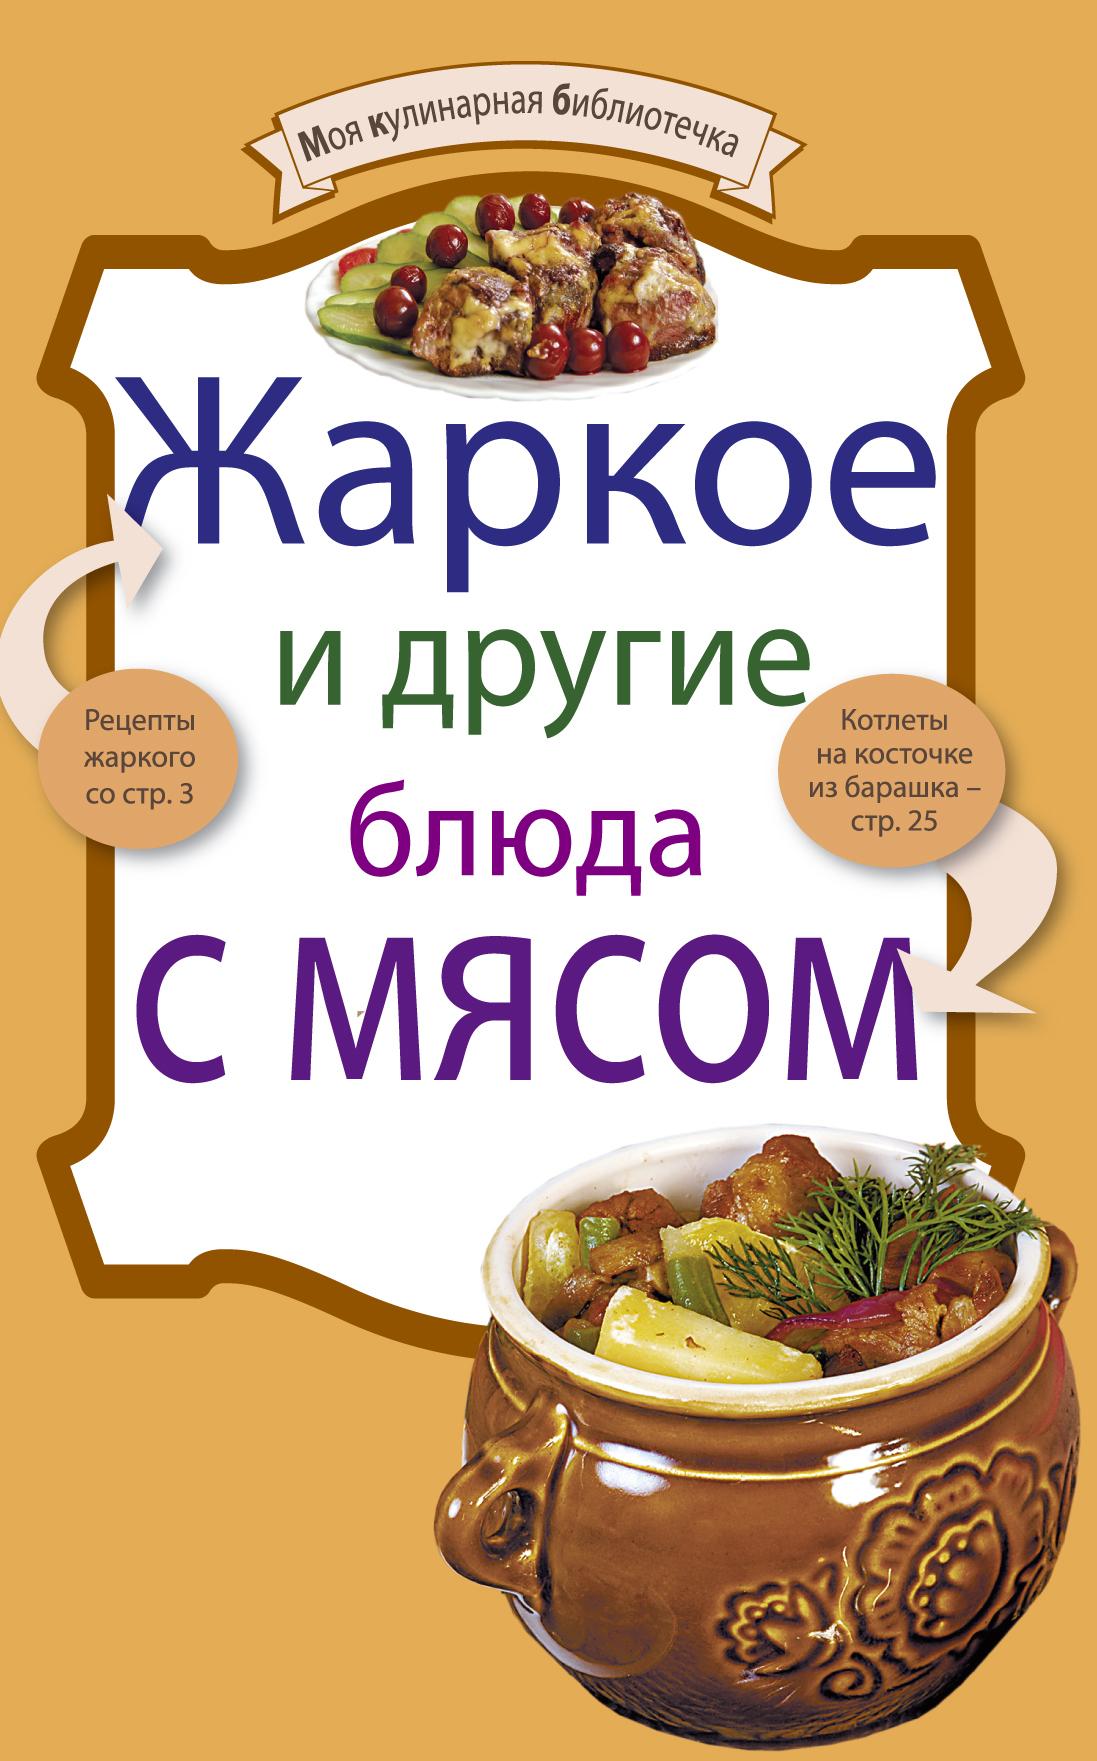 Жаркое и другие блюда с мясом